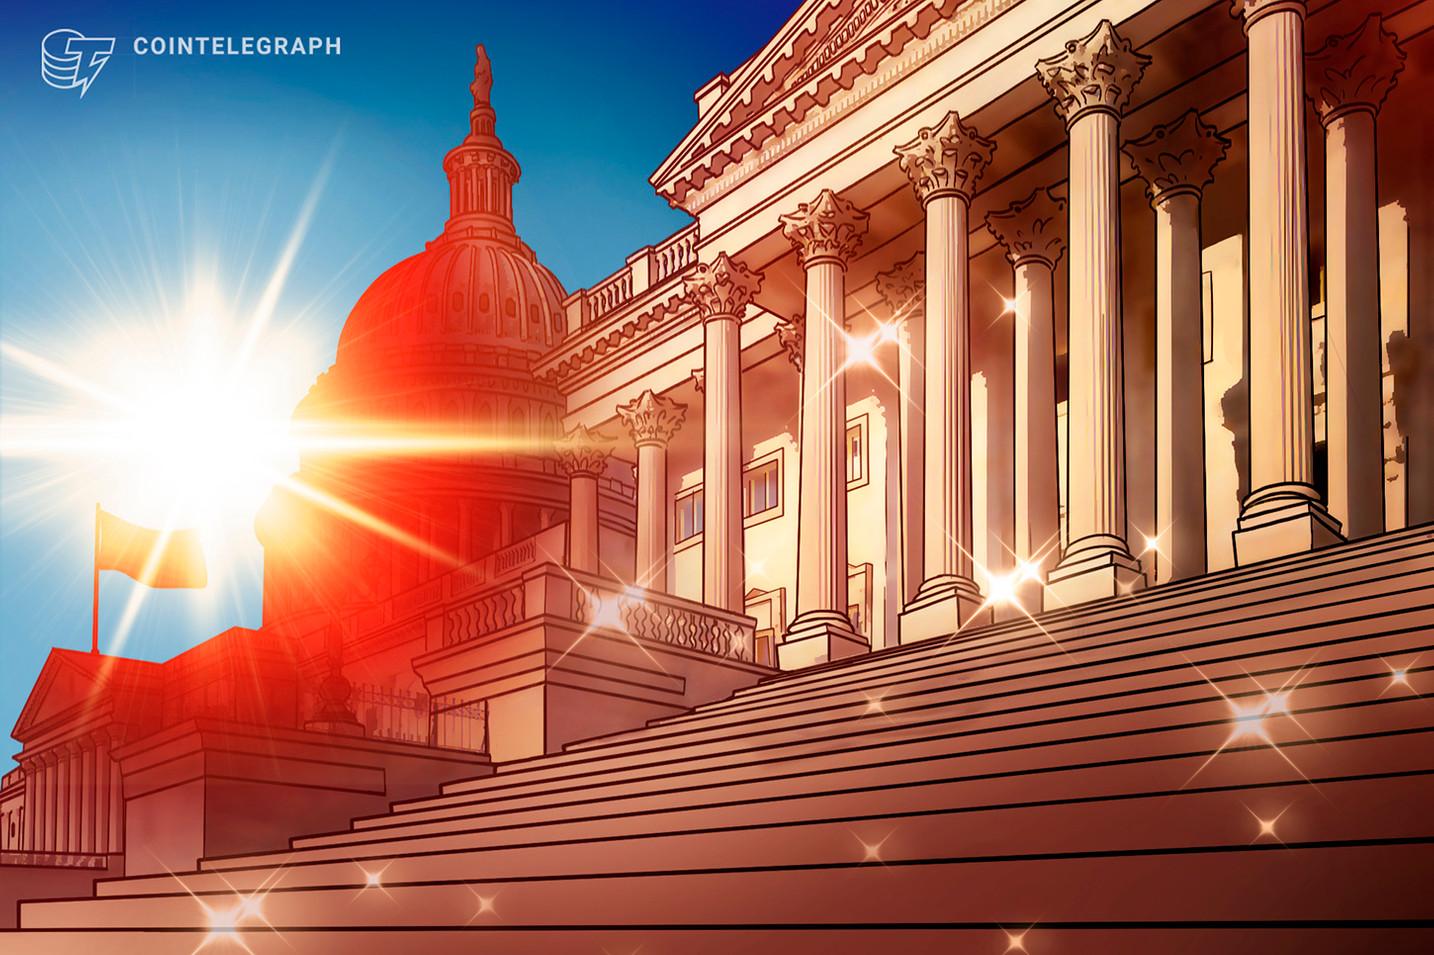 El Congreso de Estados Unidos culpa a Robinhood, no a Reddit